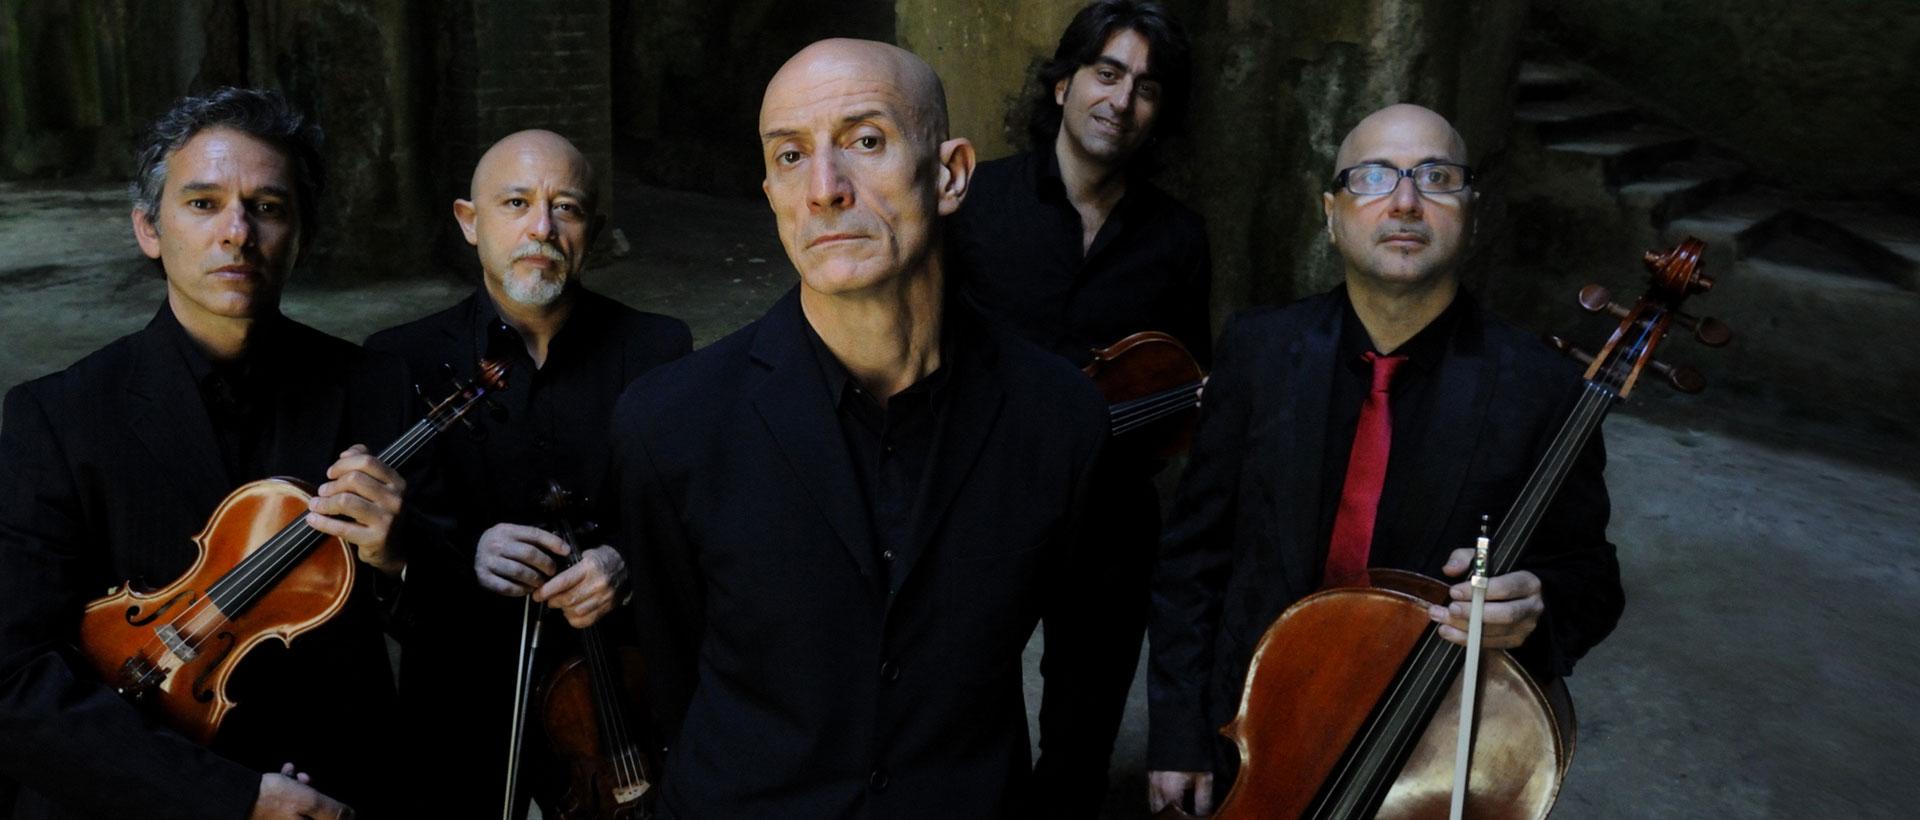 Peppe Servillo & Solis String Quartet  al Teatro Salieri di Legnago